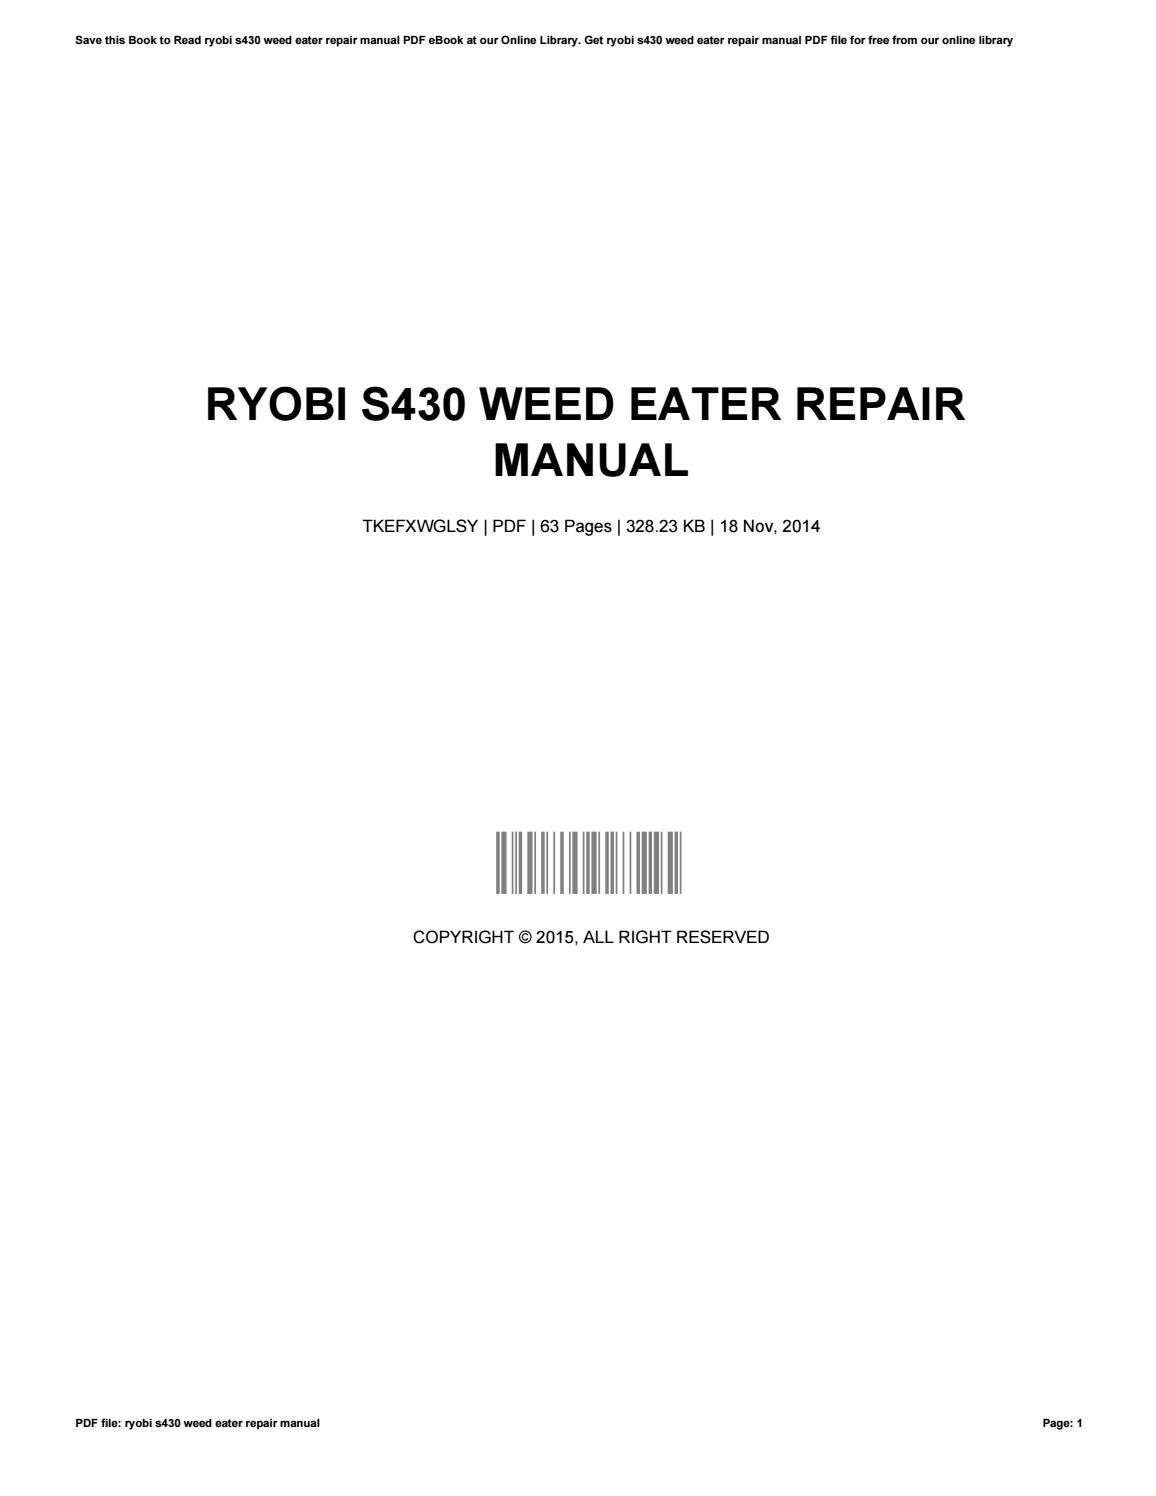 Ryobi s430 weed eater repair manual by LisaReyes4661 - issuu